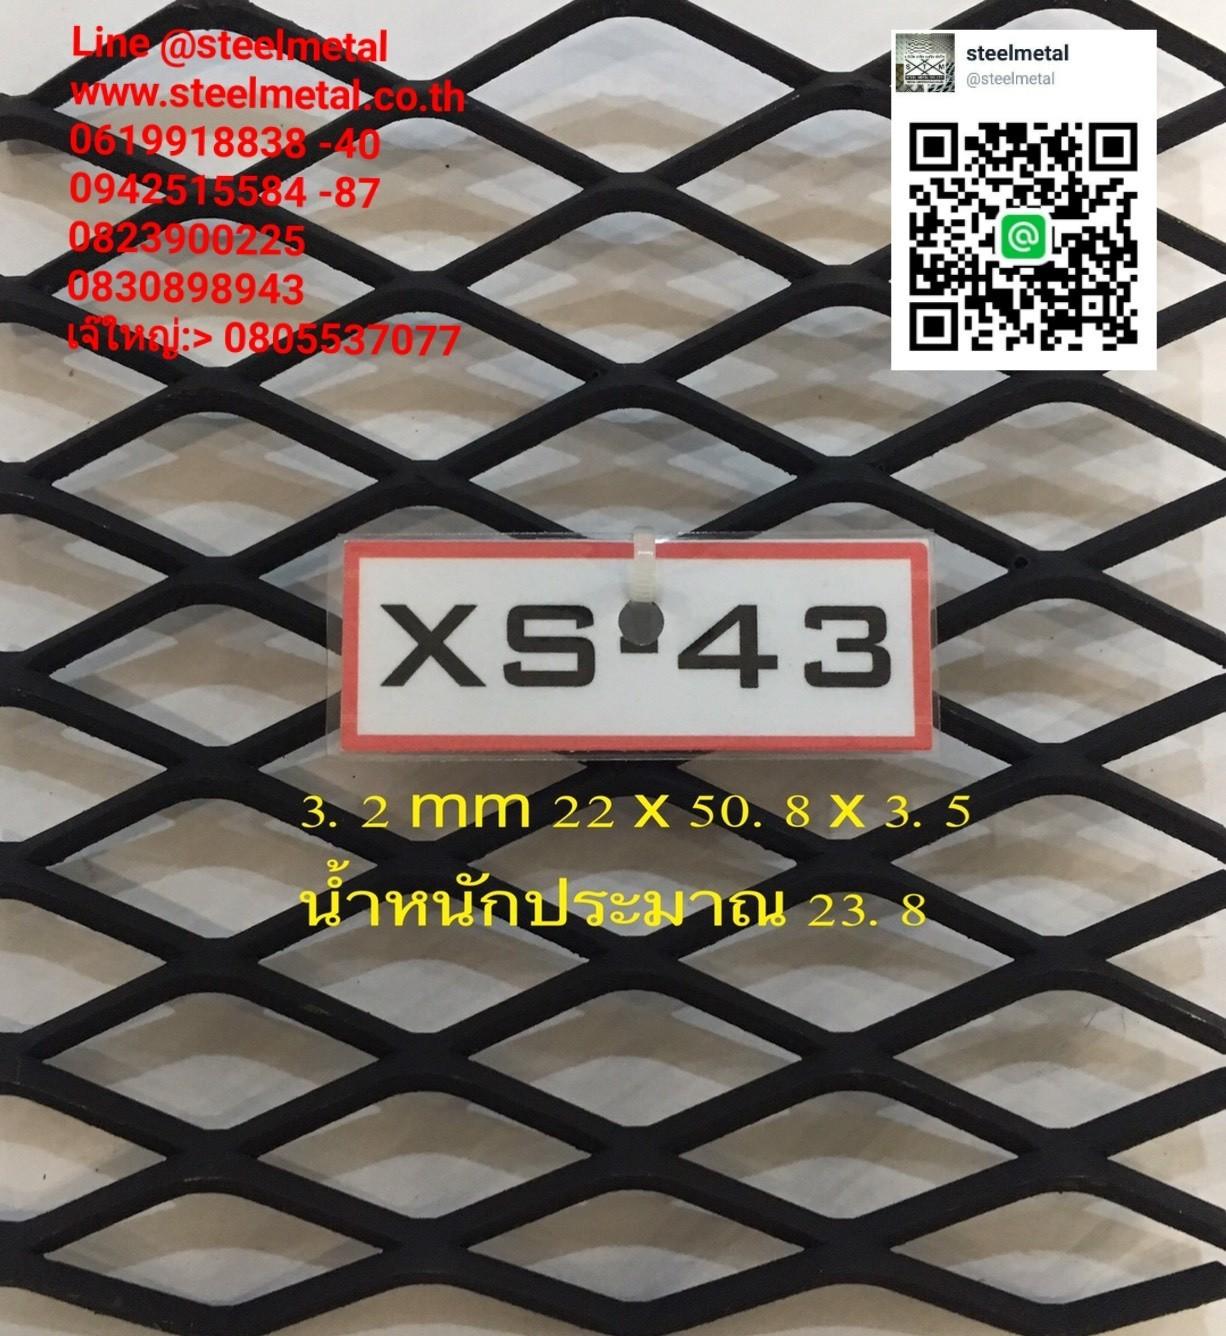 ตะแกรงเหล็กฉีกXS43